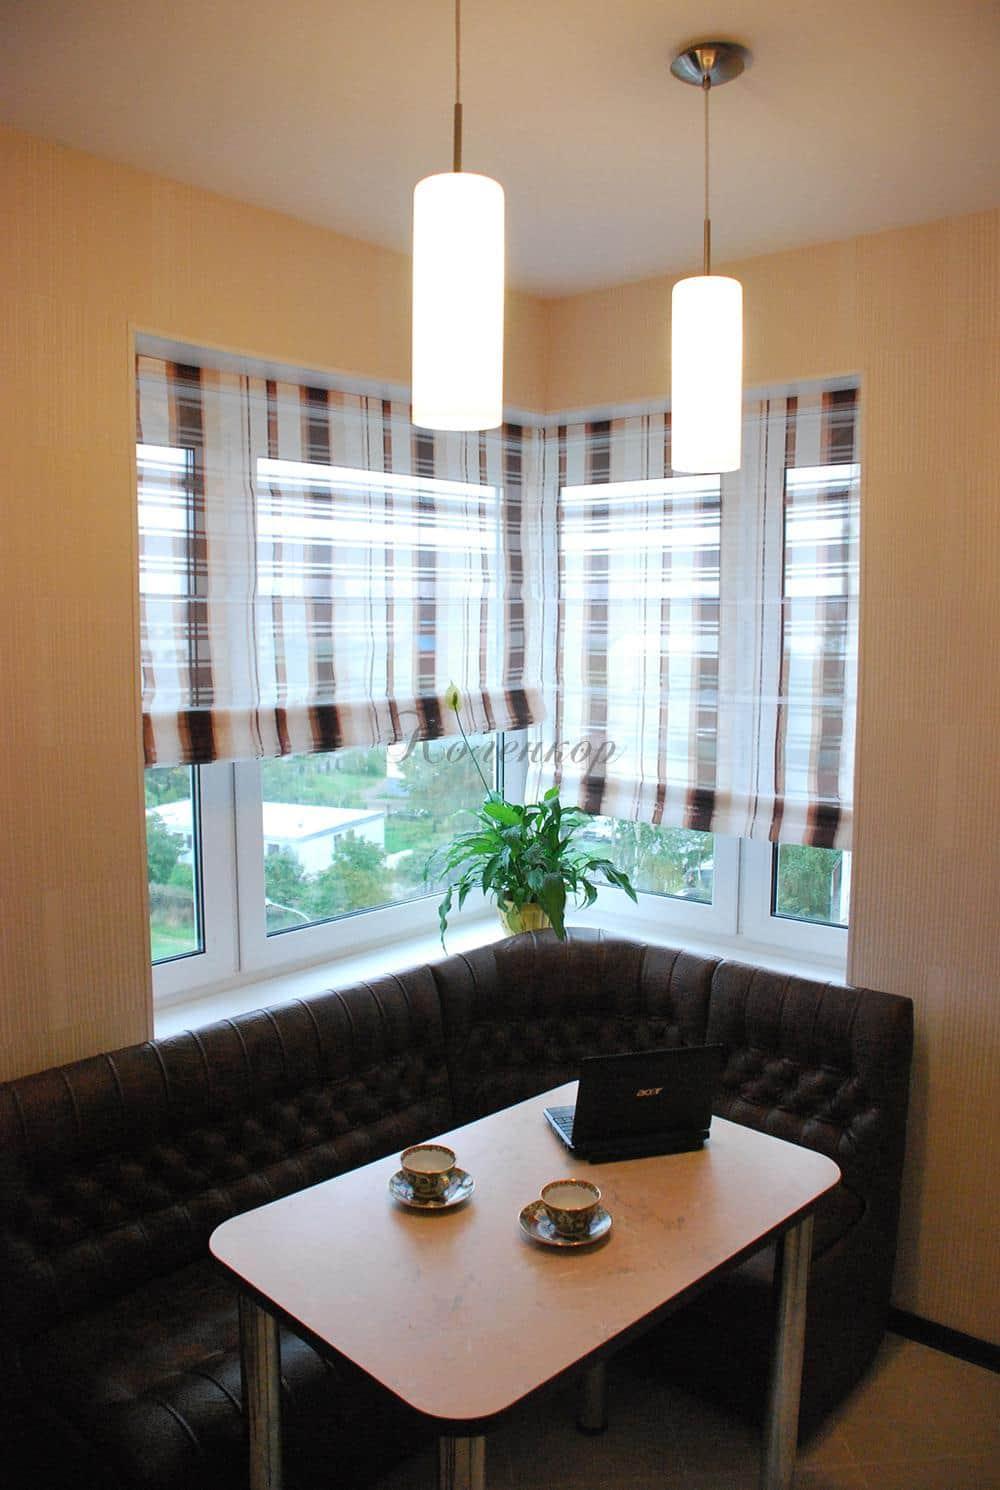 Полупрозрачные римские шторы в клетку в интерьере с темной мебелью